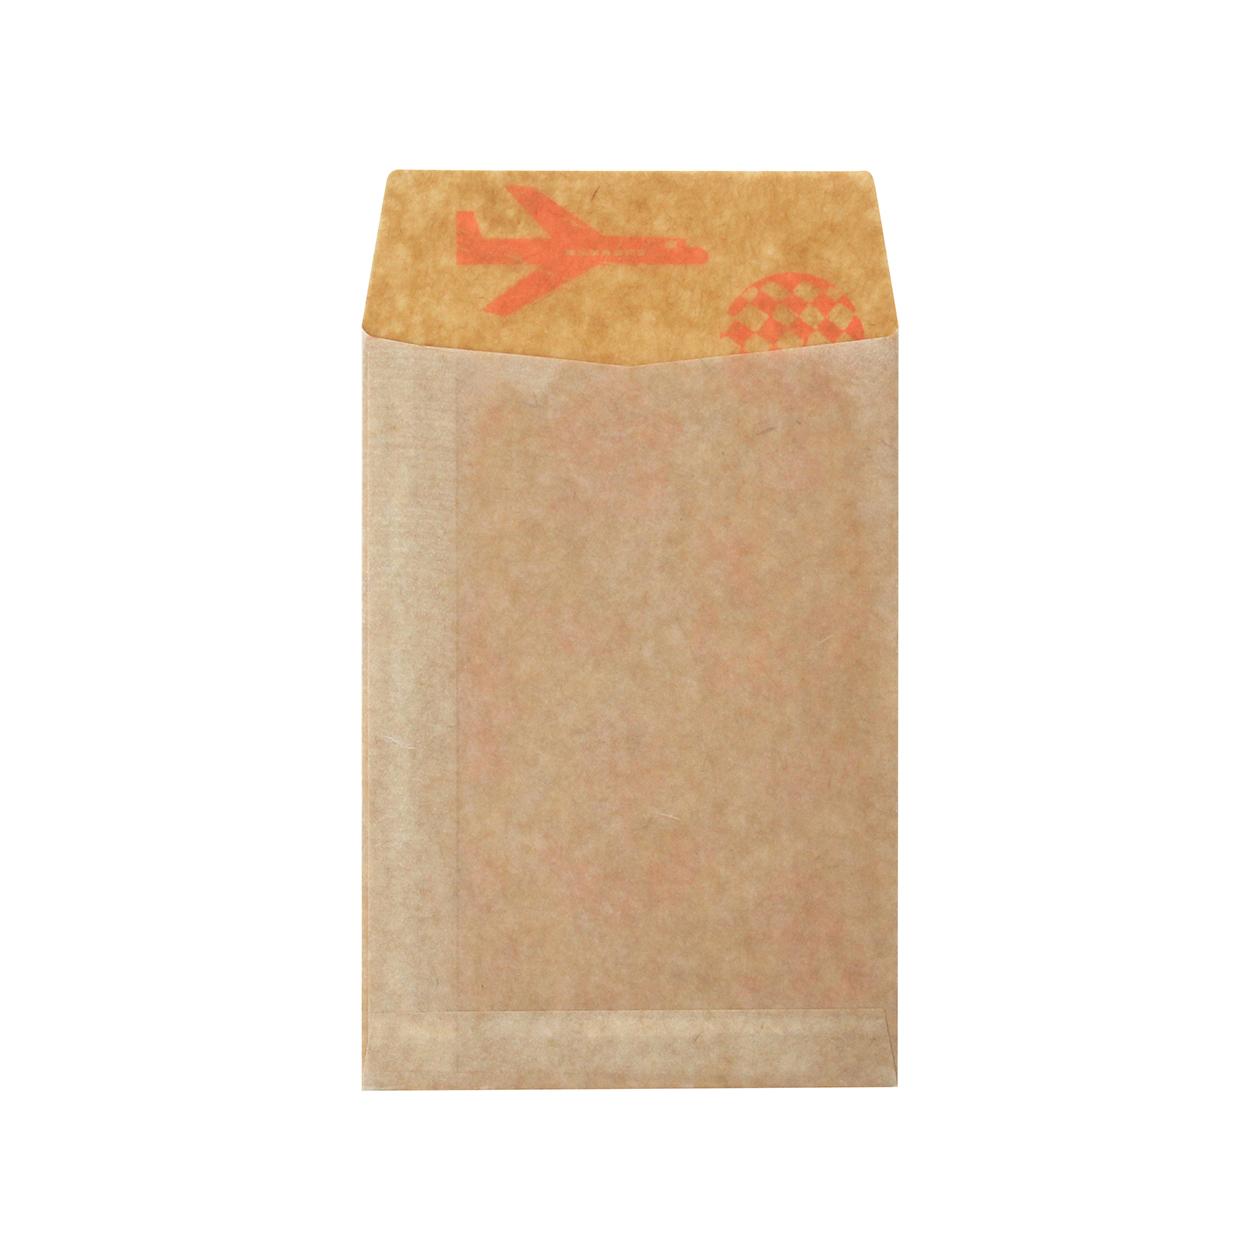 サンプル 封筒・袋 00065